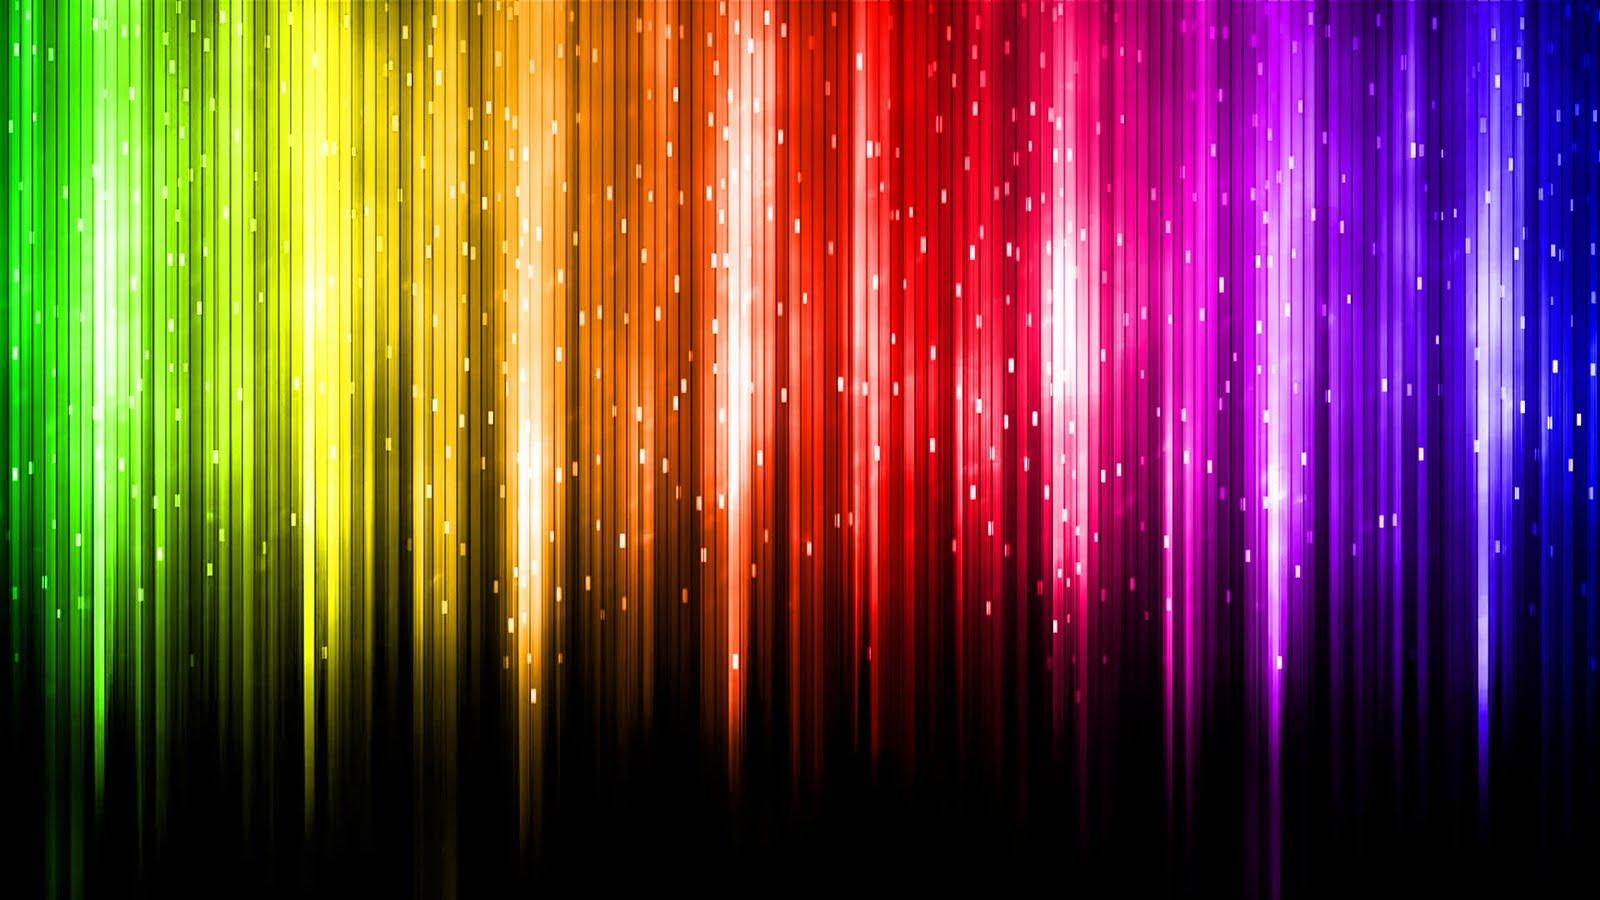 http://4.bp.blogspot.com/_SBHhaY32IBU/TAKDDbNGdOI/AAAAAAAAAP4/FXSpOmVCsDA/s1600/digital_rainbow_wallpaper.jpg